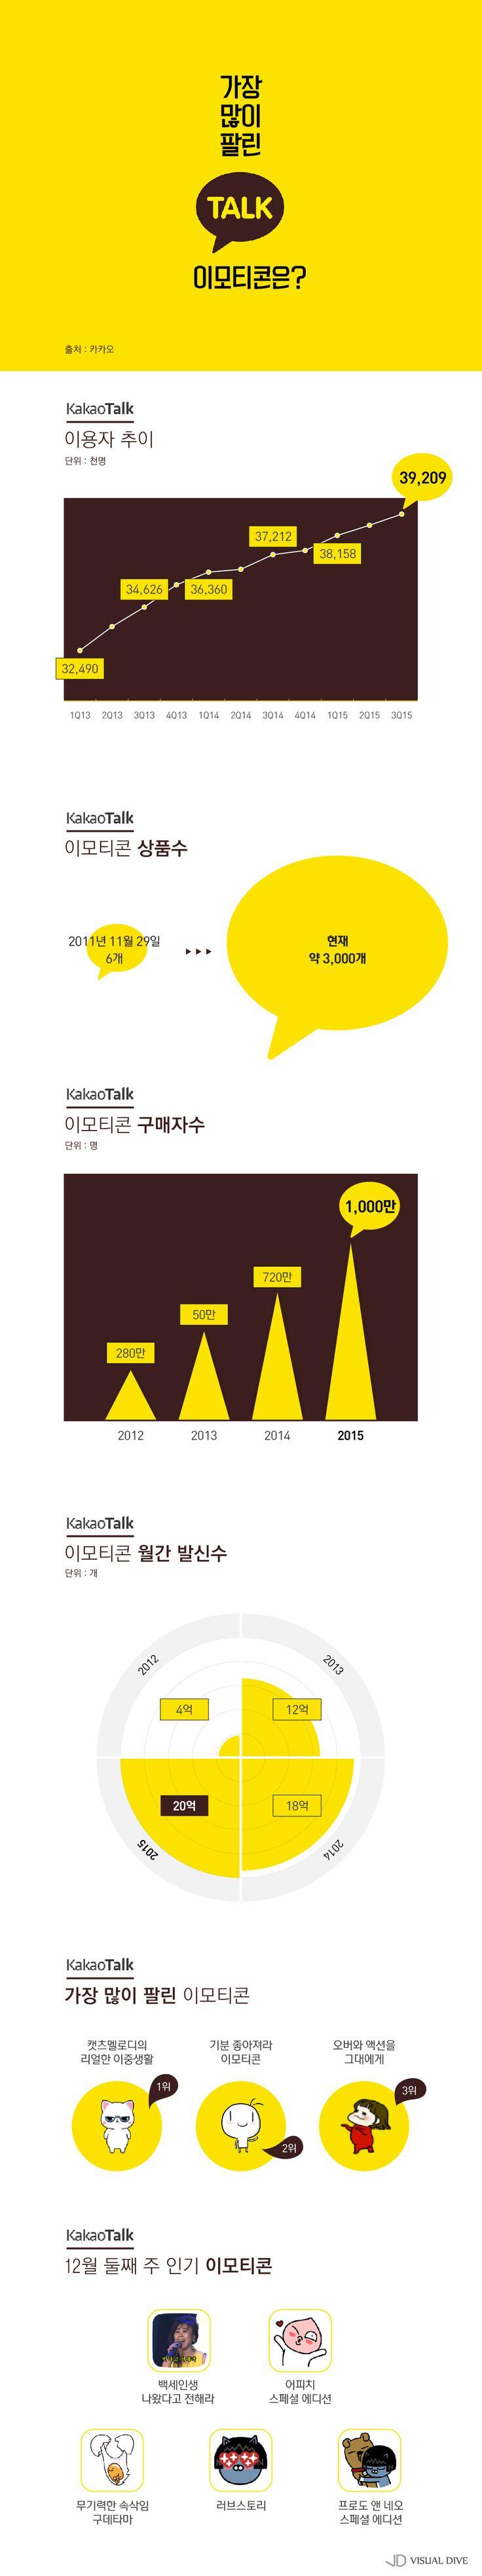 카카오톡 이모티콘 스토어, 어마어마한 '천억 시장' [인포그래픽] #Kakao / #Infographic ⓒ 비주얼다이브 무단 복사·전재·재배포 금지